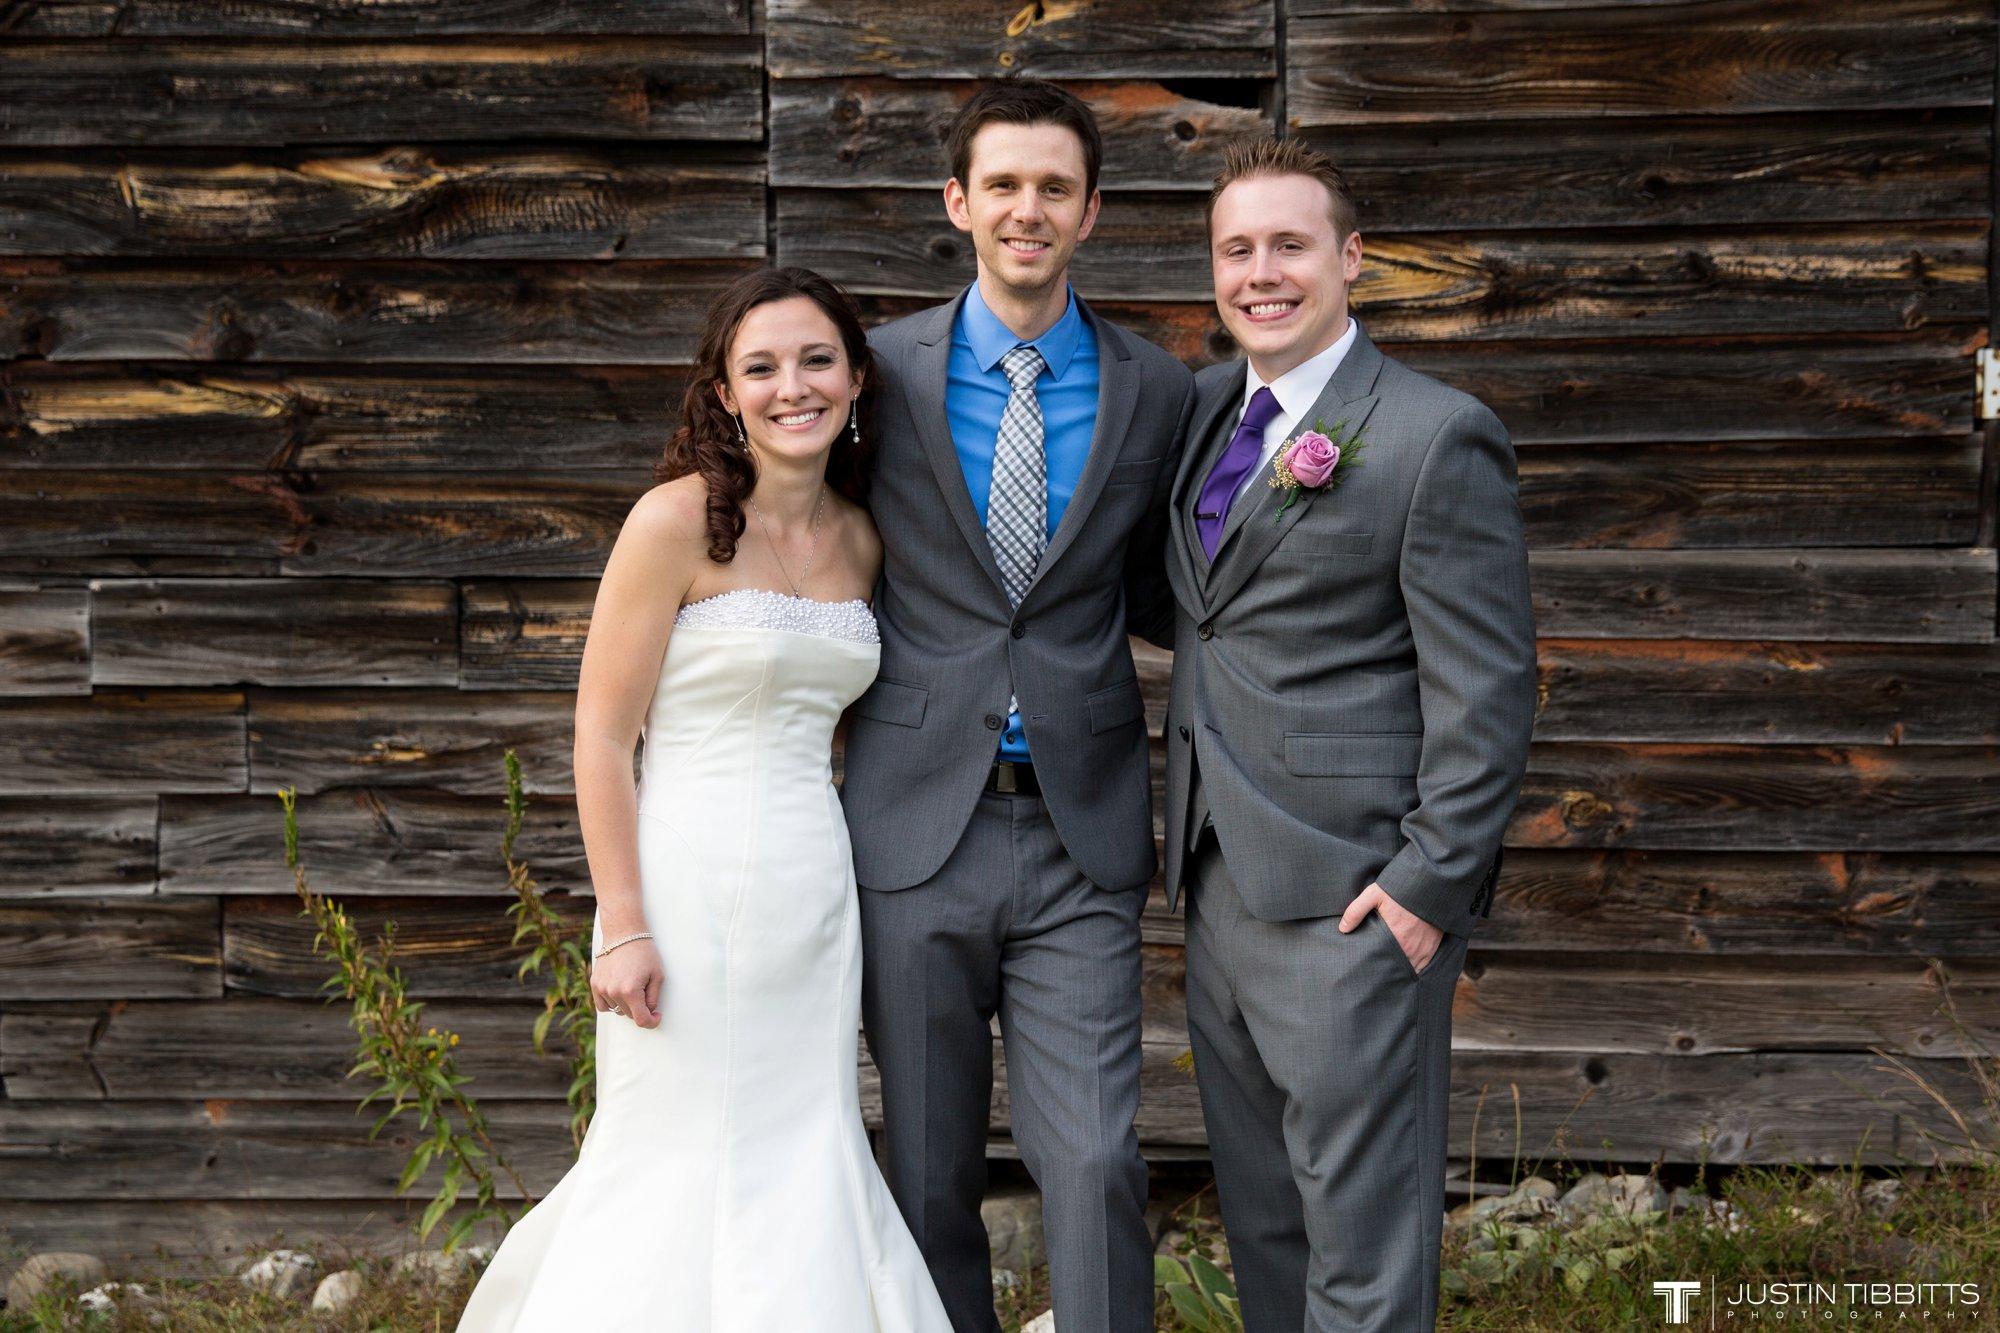 Justin Tibbitts Photography Rob and Brittany's Averill Park, NY Wedding_0415